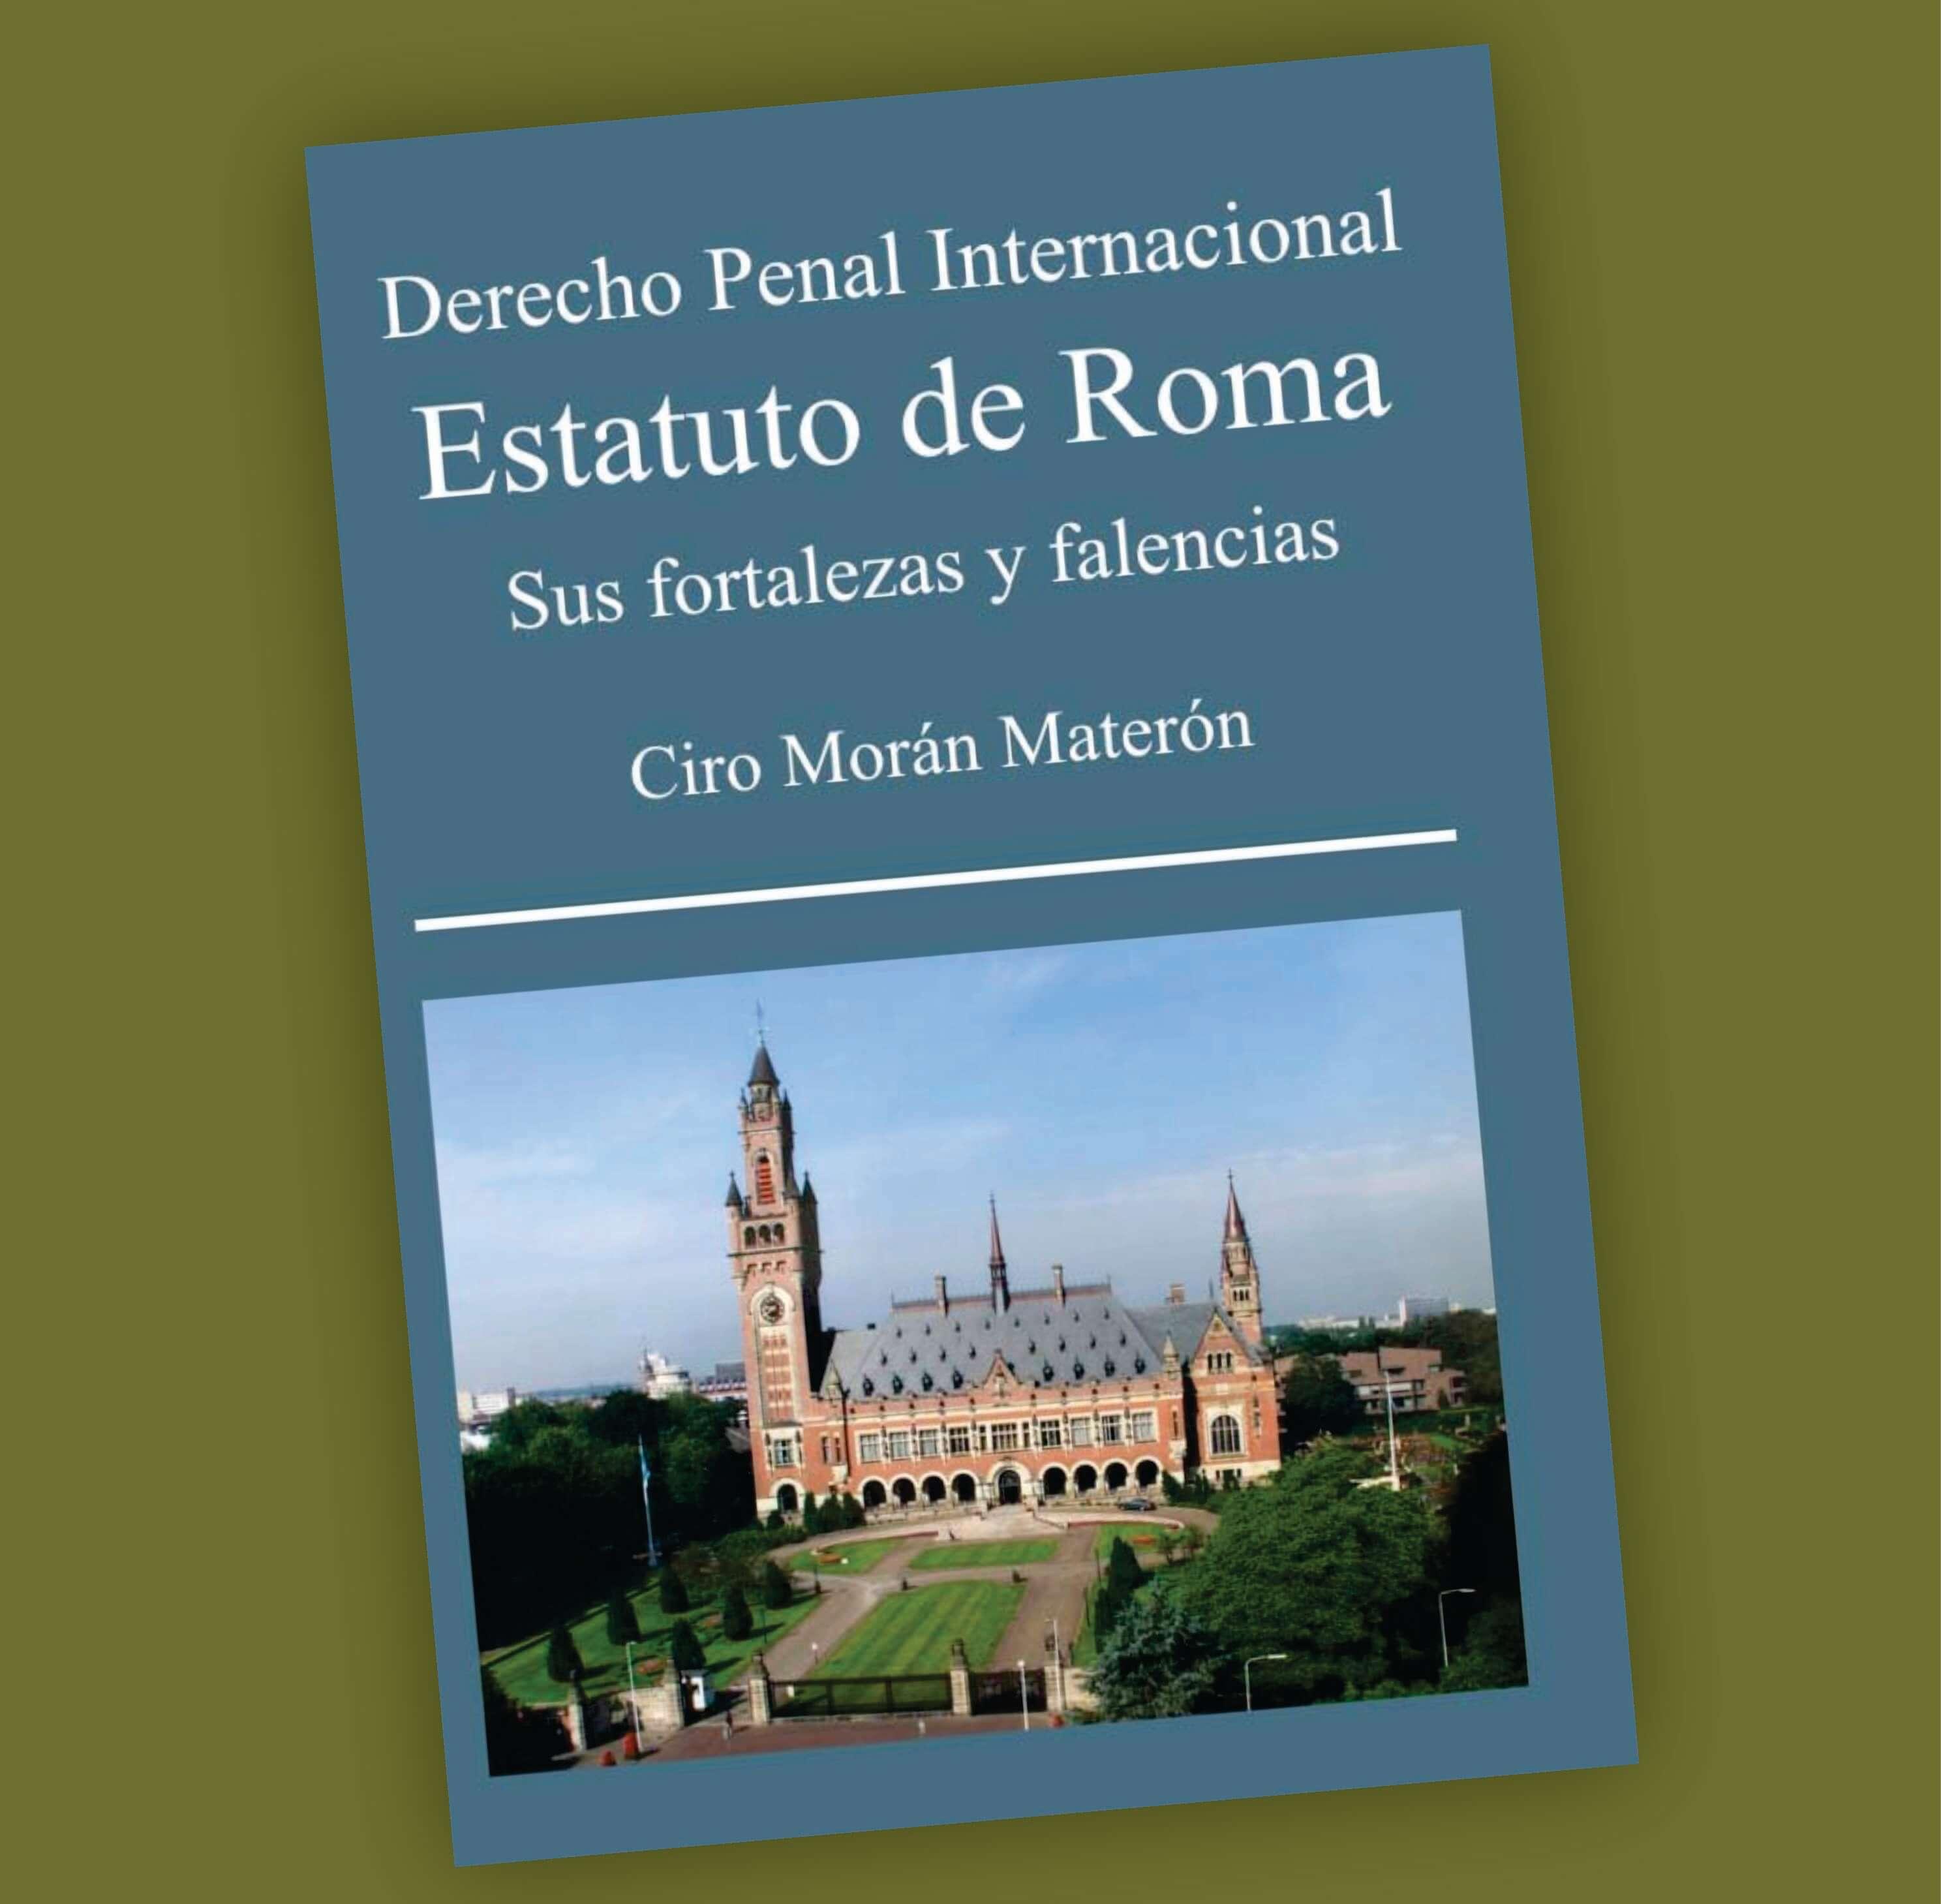 Derecho Penal Internacional Estatuto de roma- Ciro Morán Materón